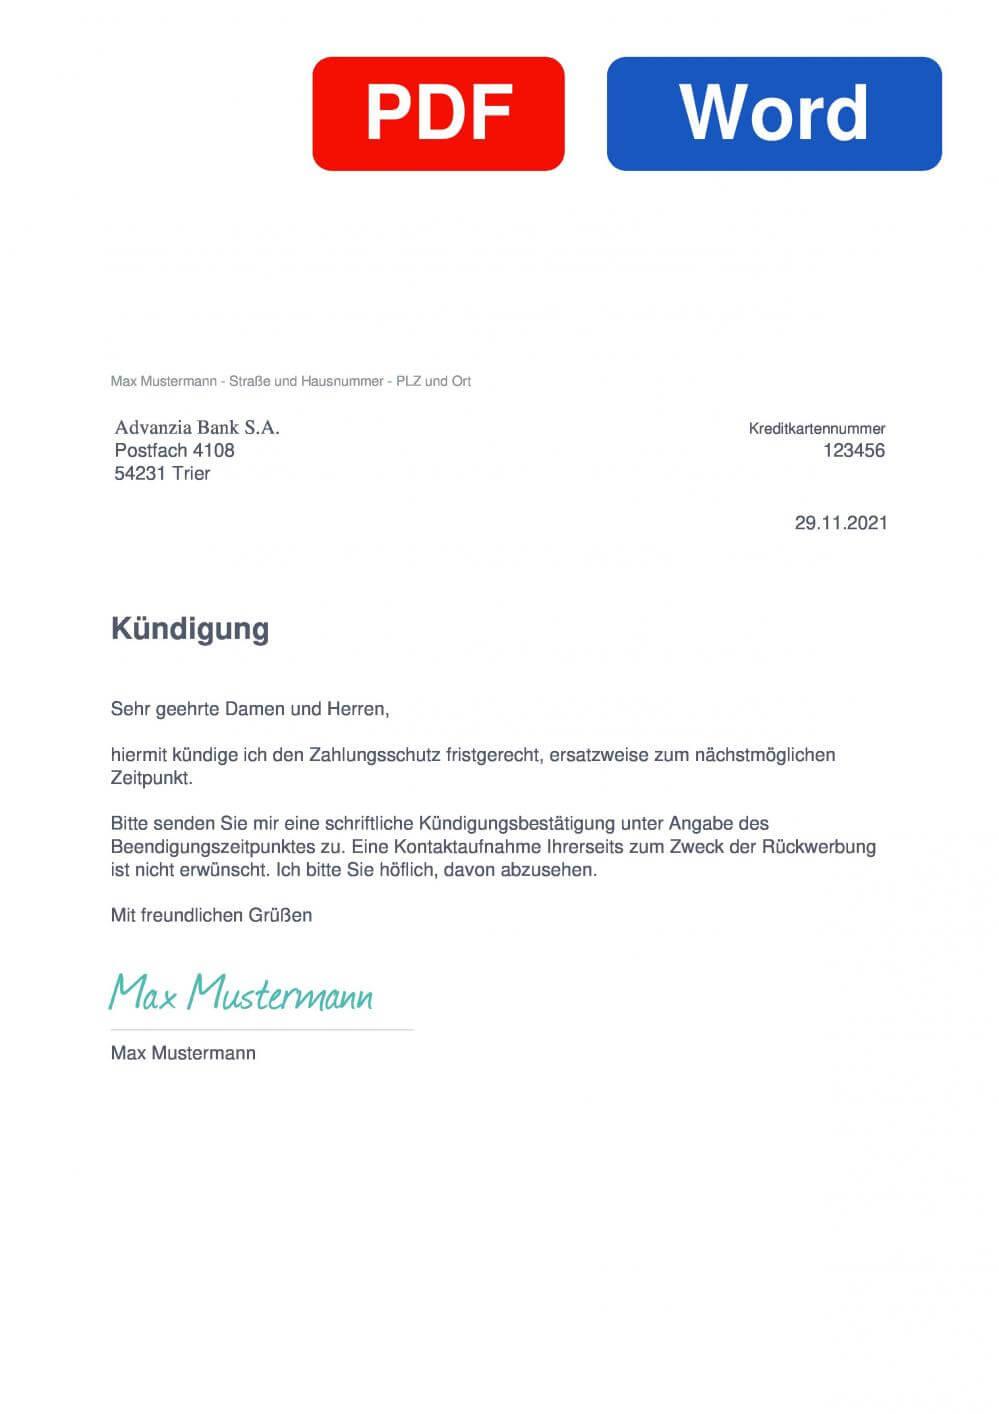 Advanzia Zahlungsschutz Muster Vorlage für Kündigungsschreiben